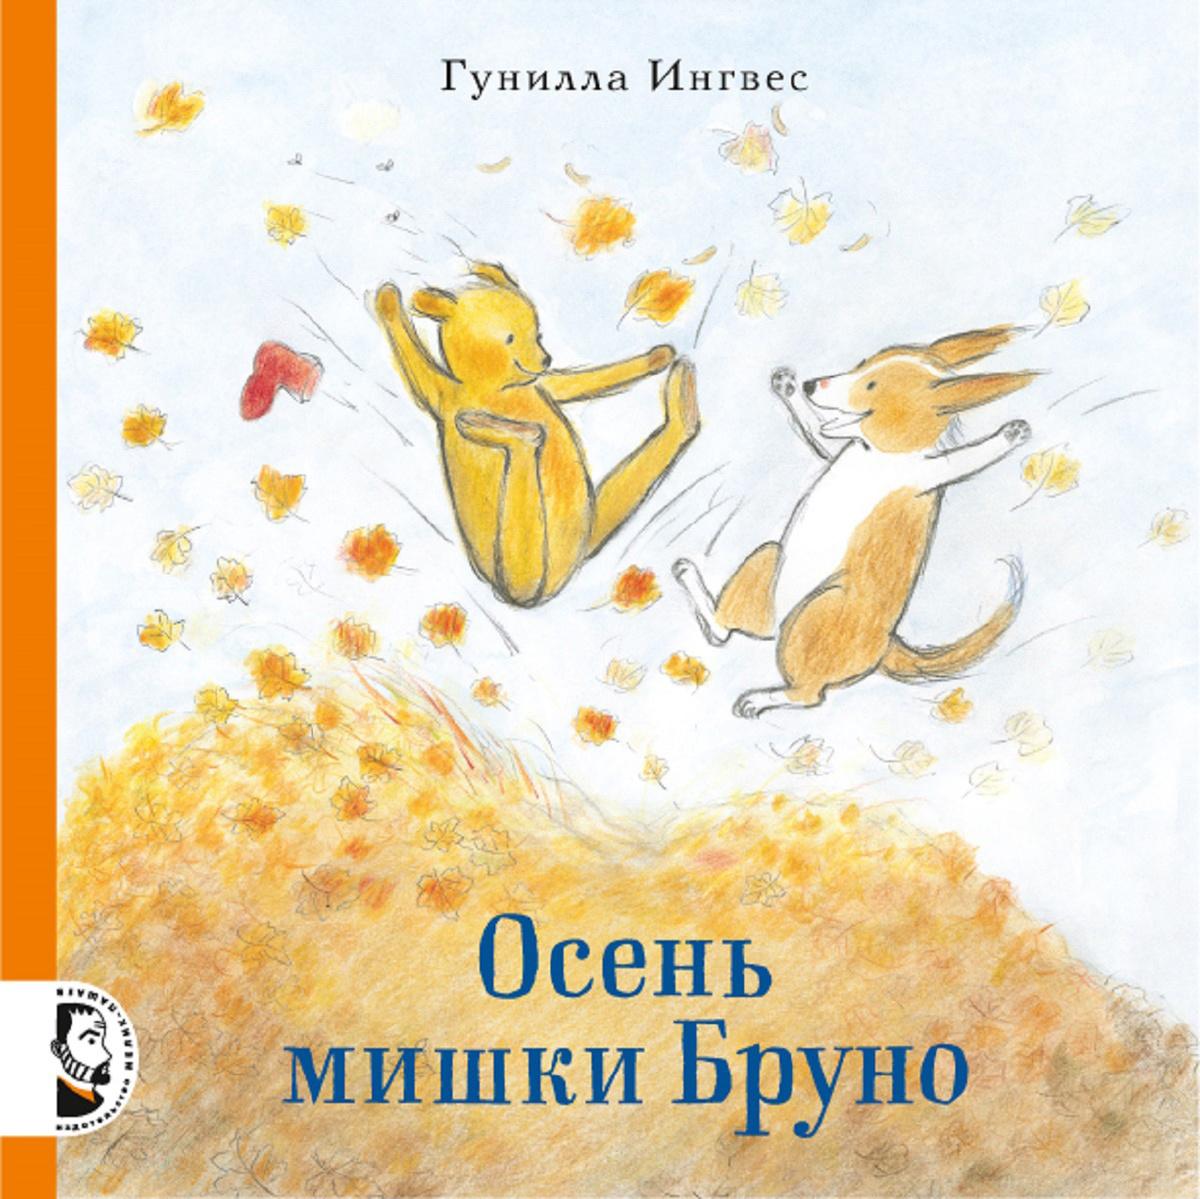 Осень мишки Бруно   Ингвес Гунилла #1